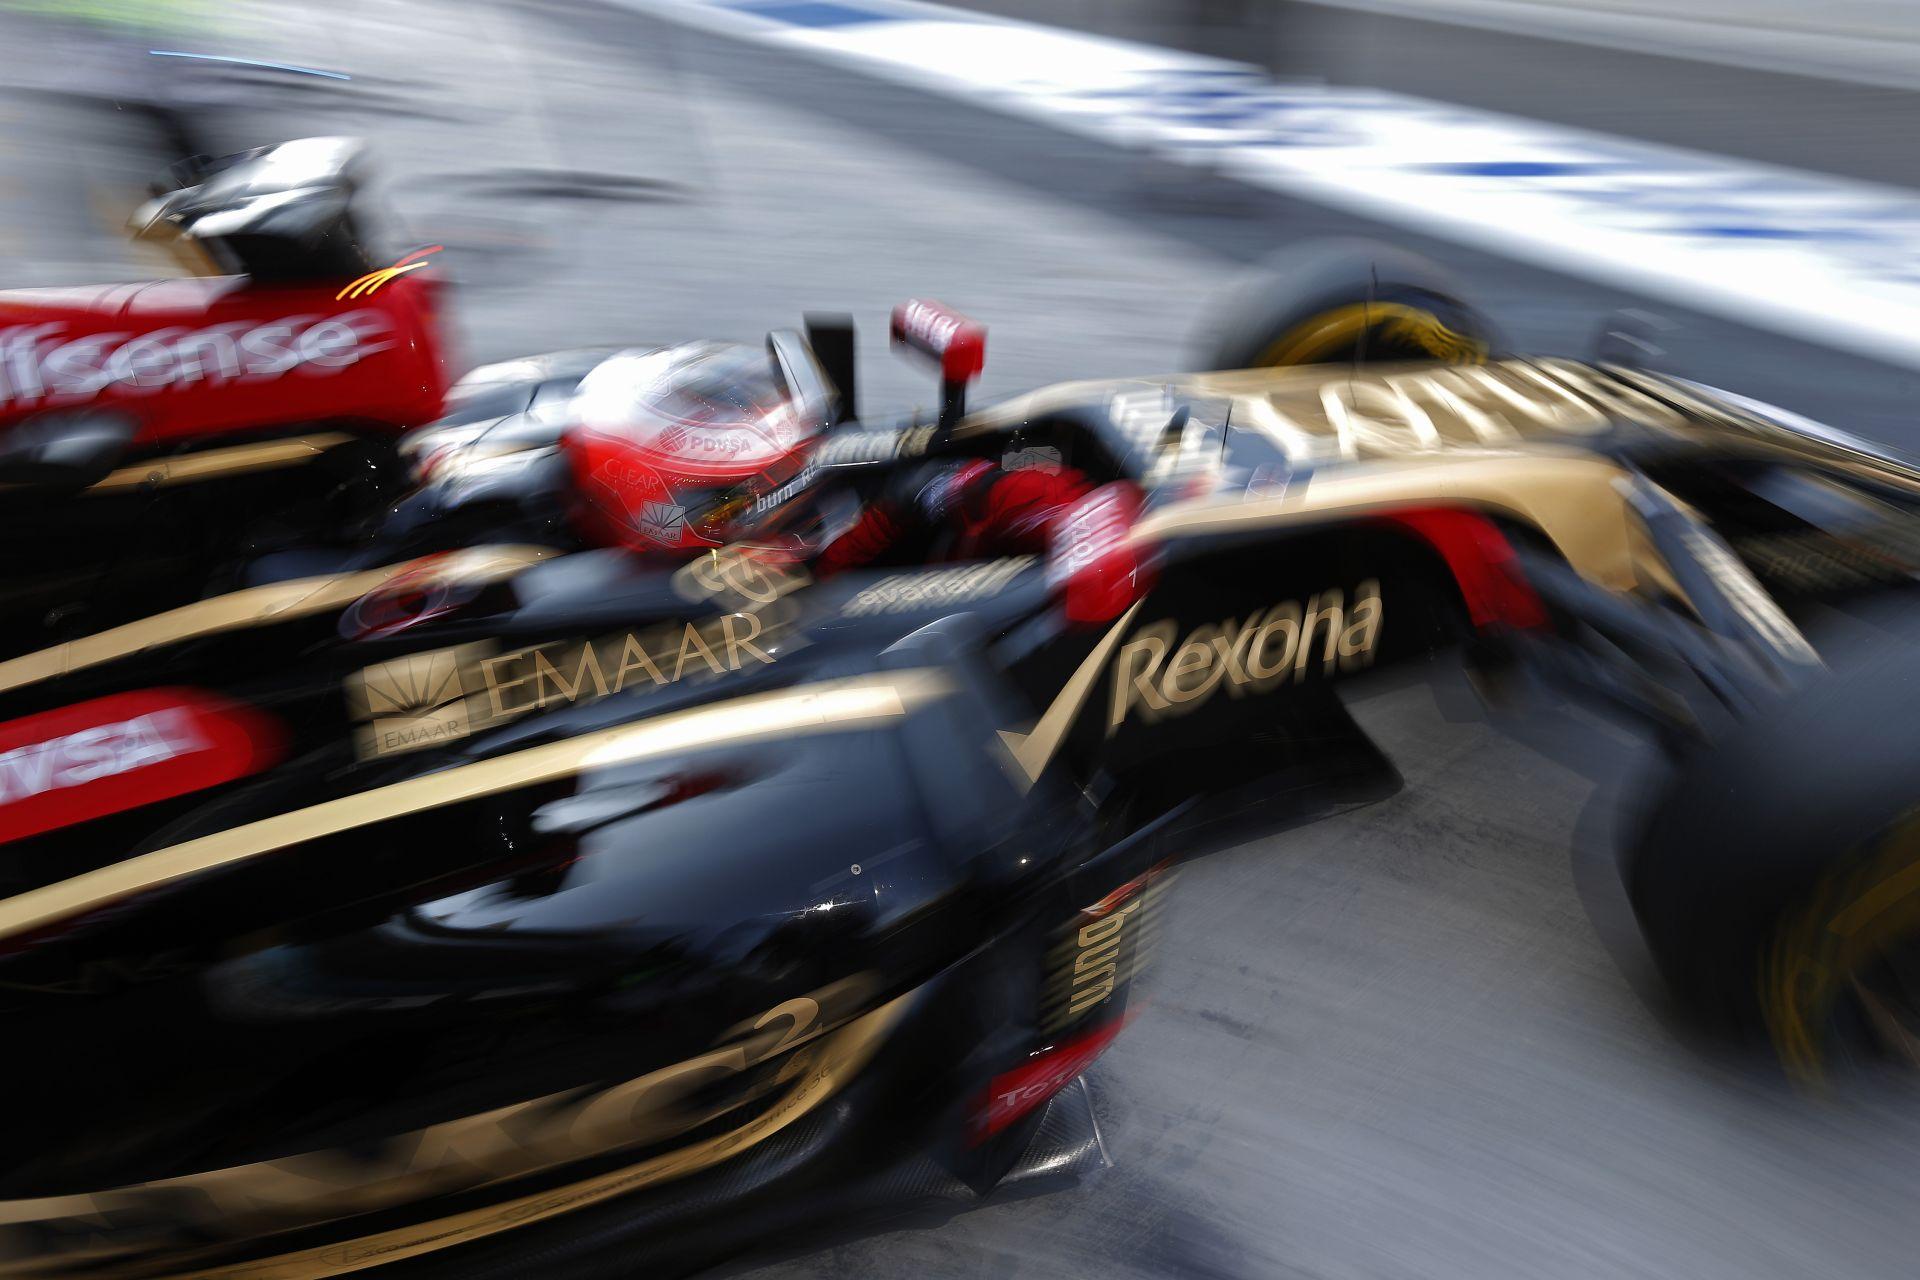 Már hétfőn pont kerülhet a Lotus-Renault sztori végére!